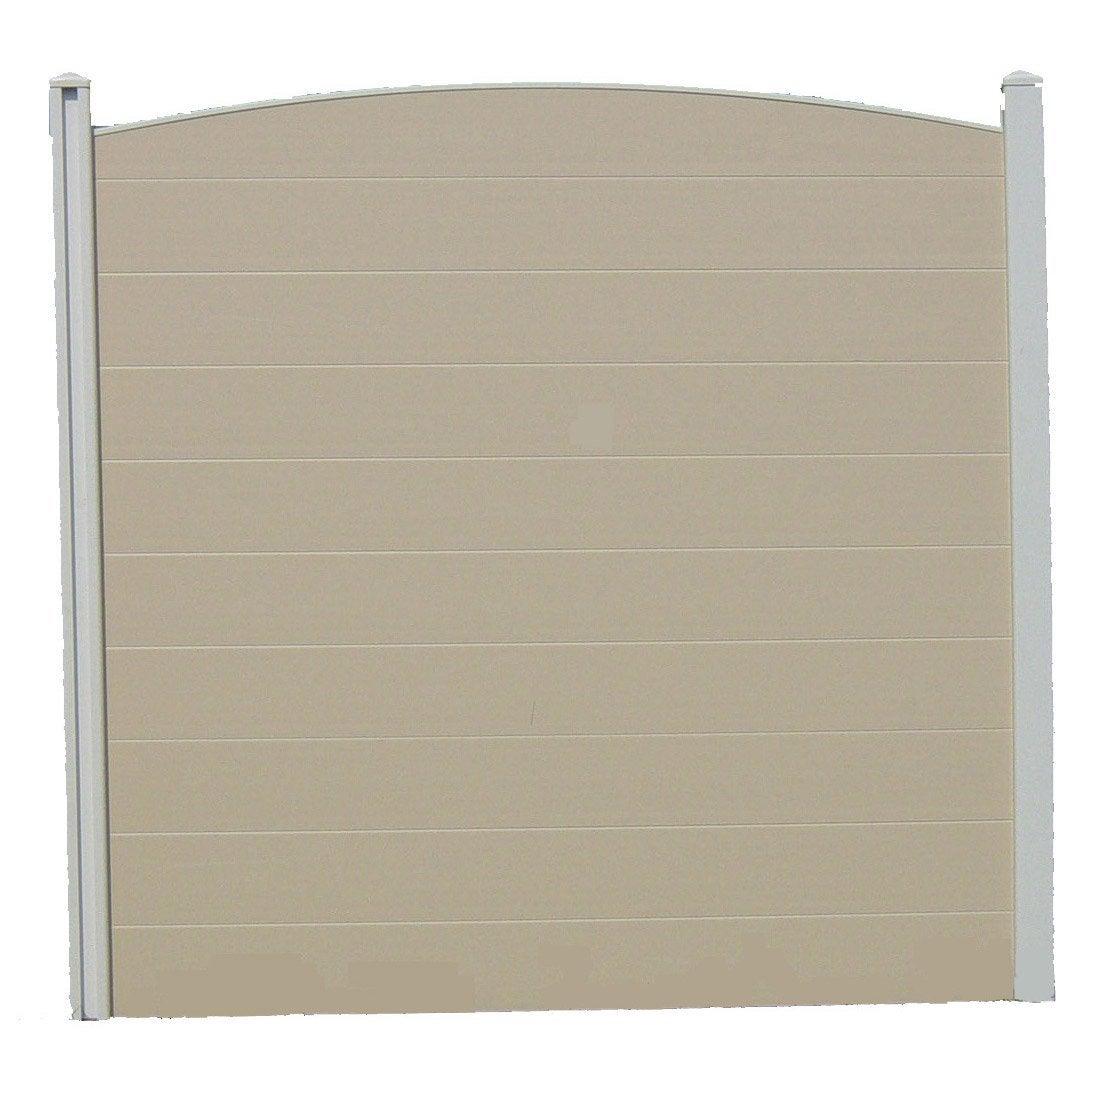 Panneau pvc 180x180 cm beige leroy merlin for Panneau pvc exterieur